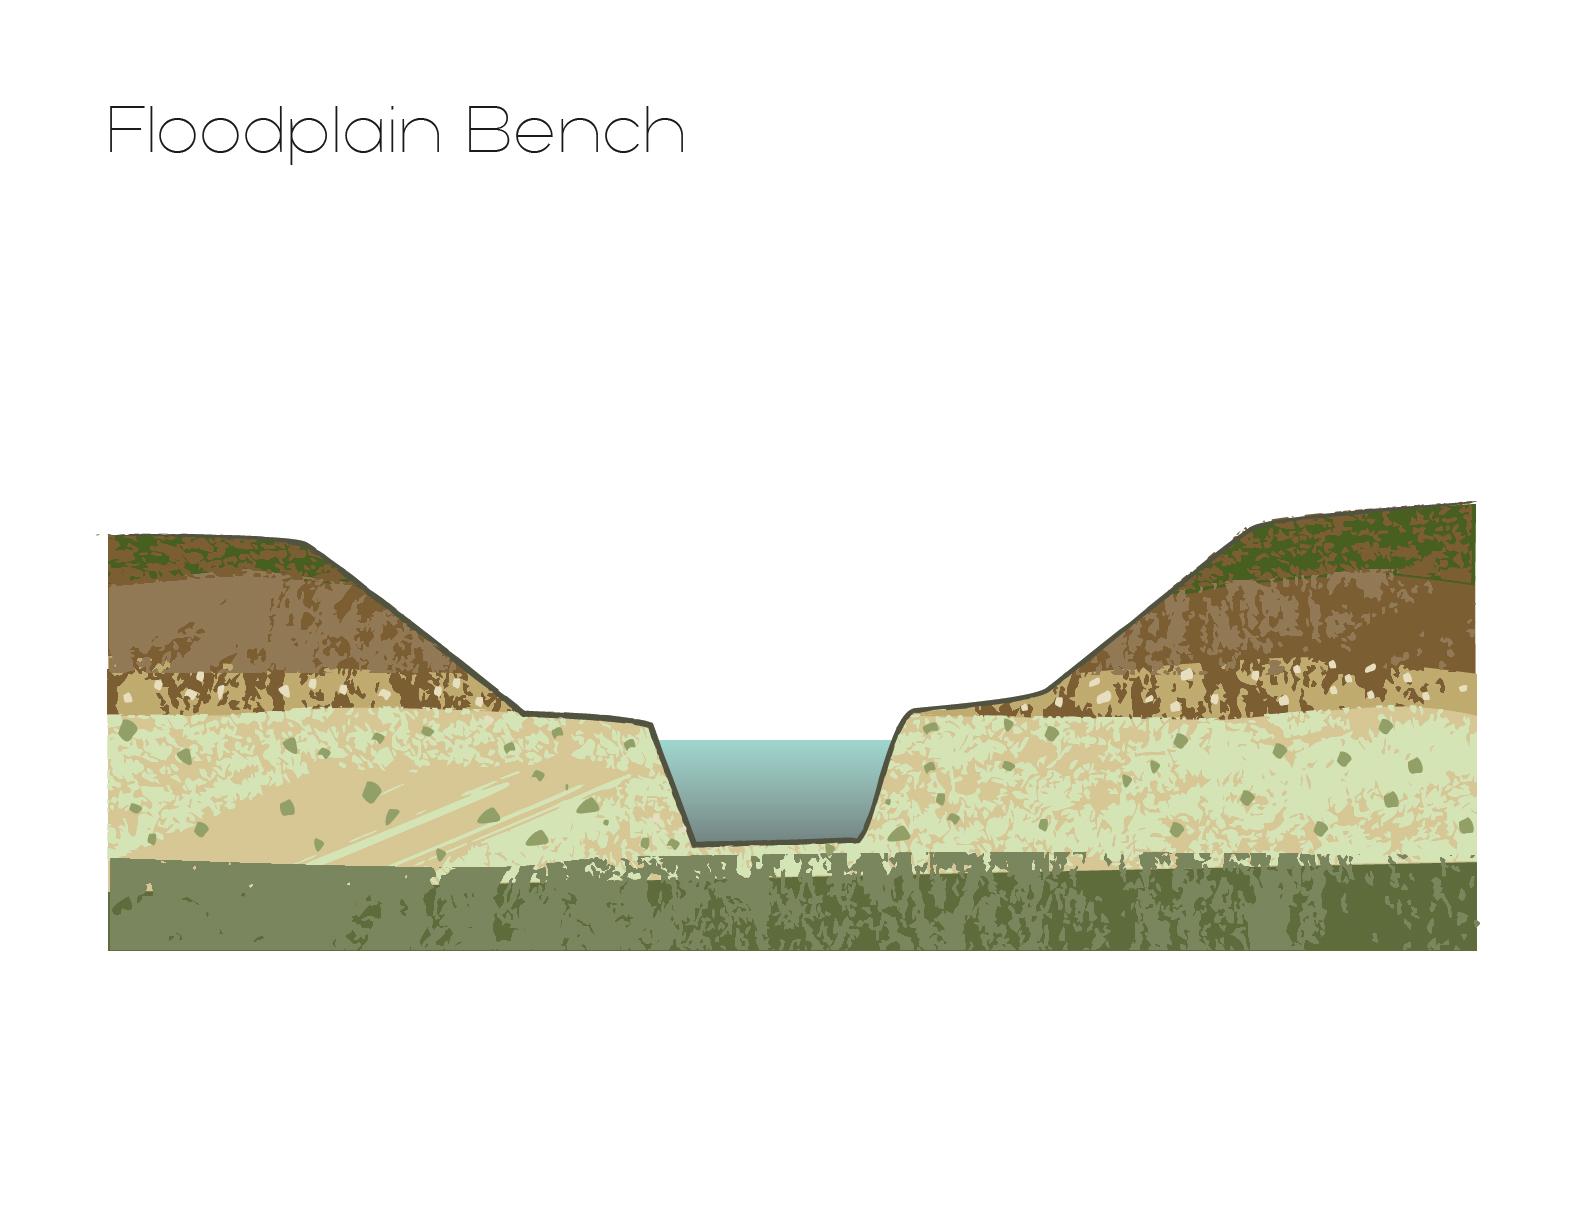 floodplain bench@2x-100.jpg